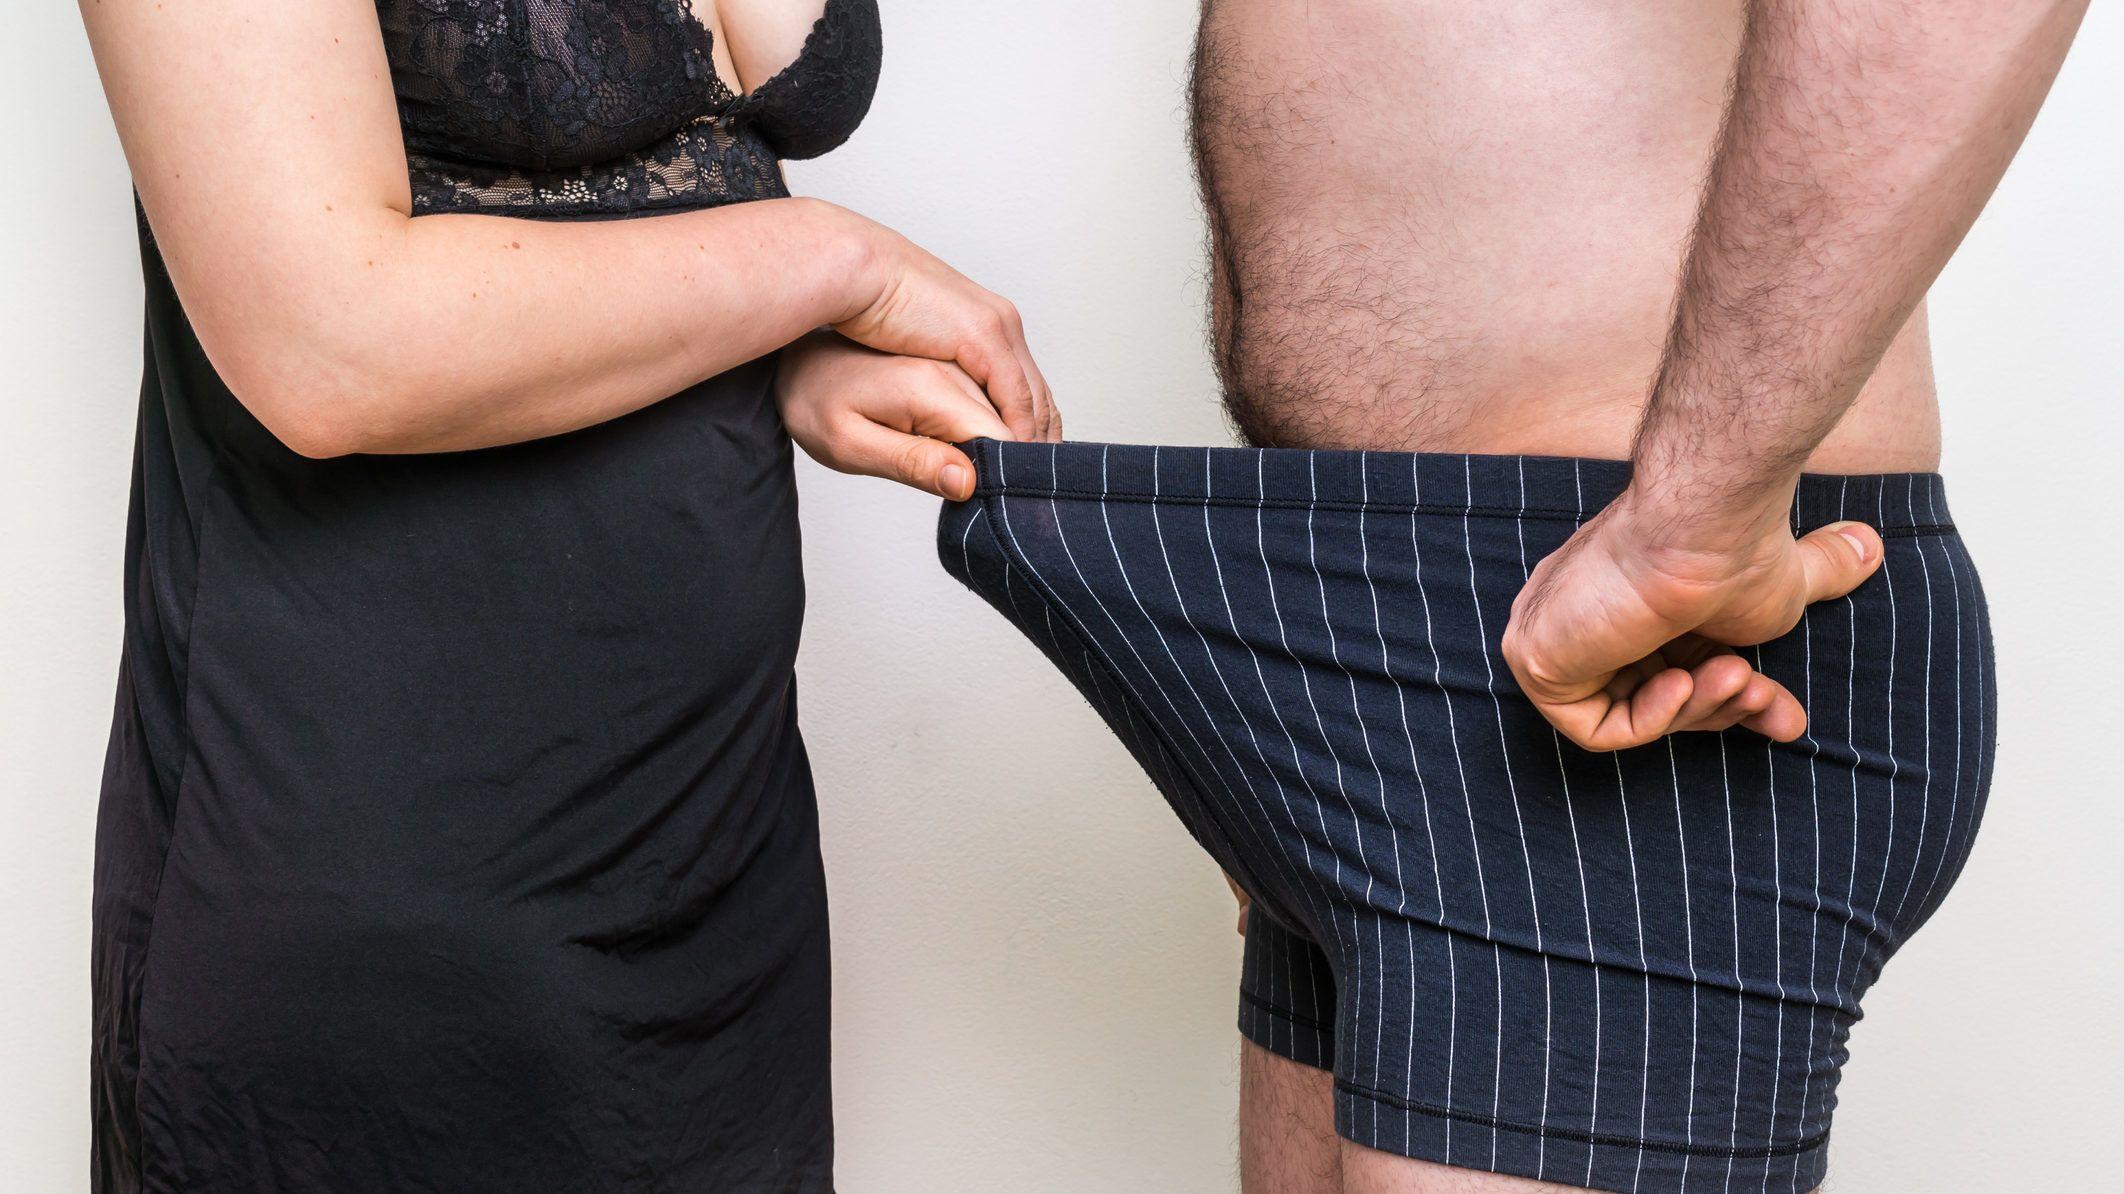 hány centiméter van a férfiaknál pénisz)